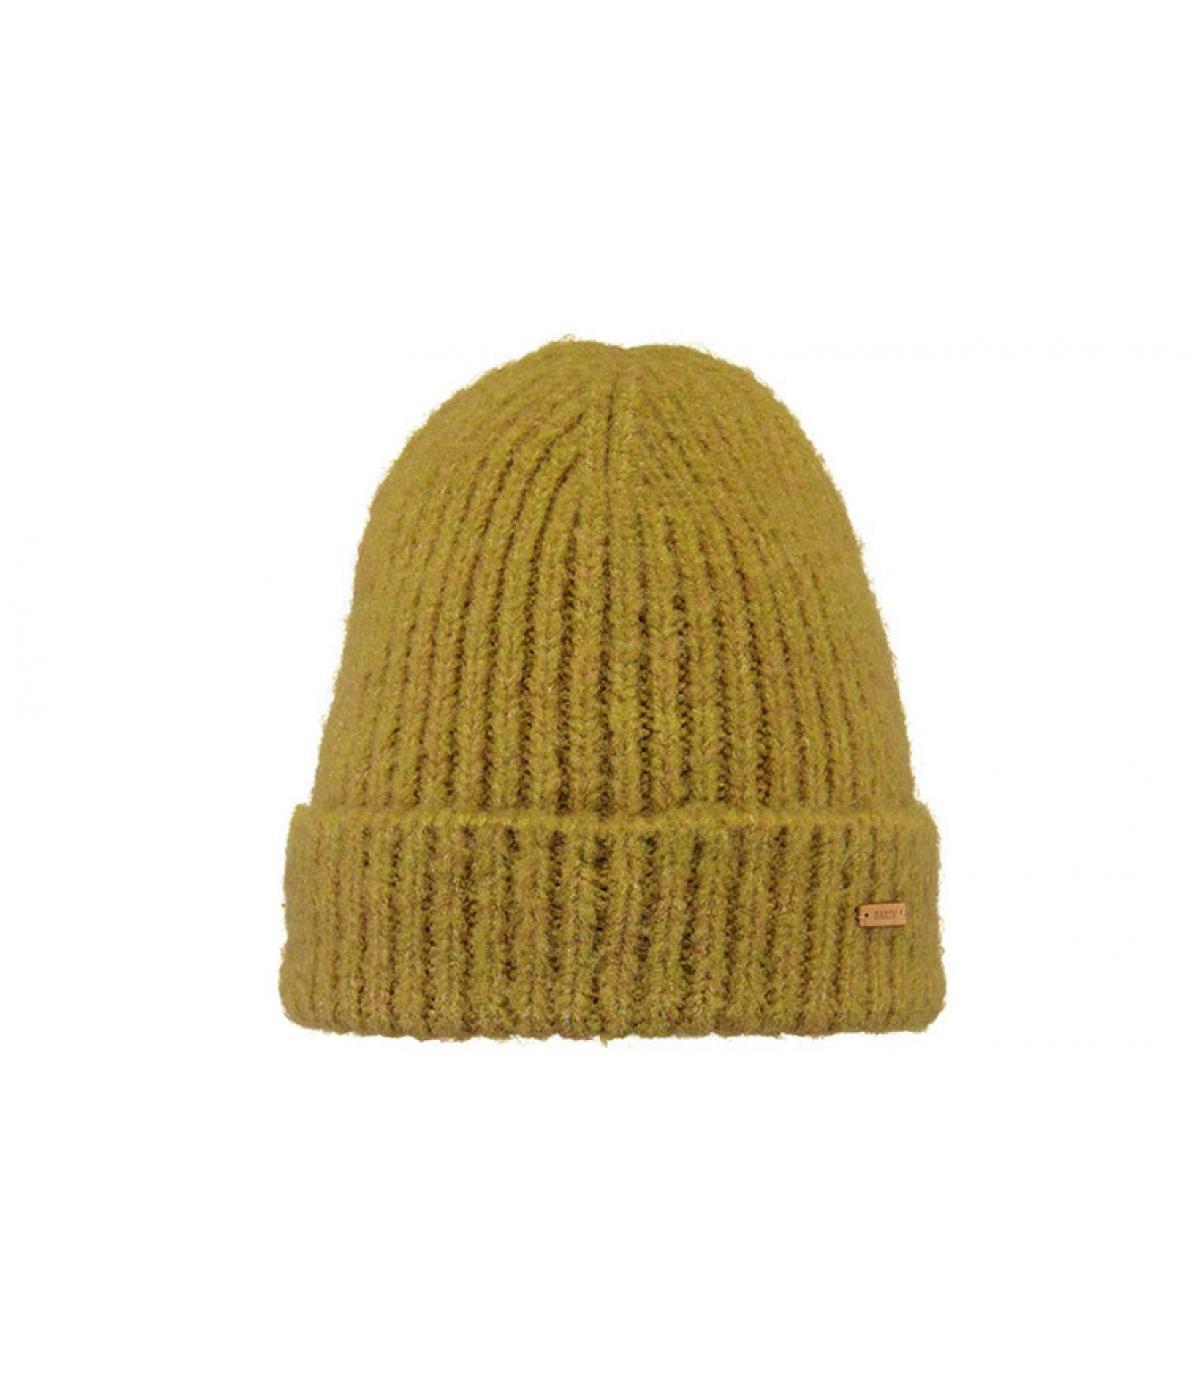 bonnet revers jaune moutarde